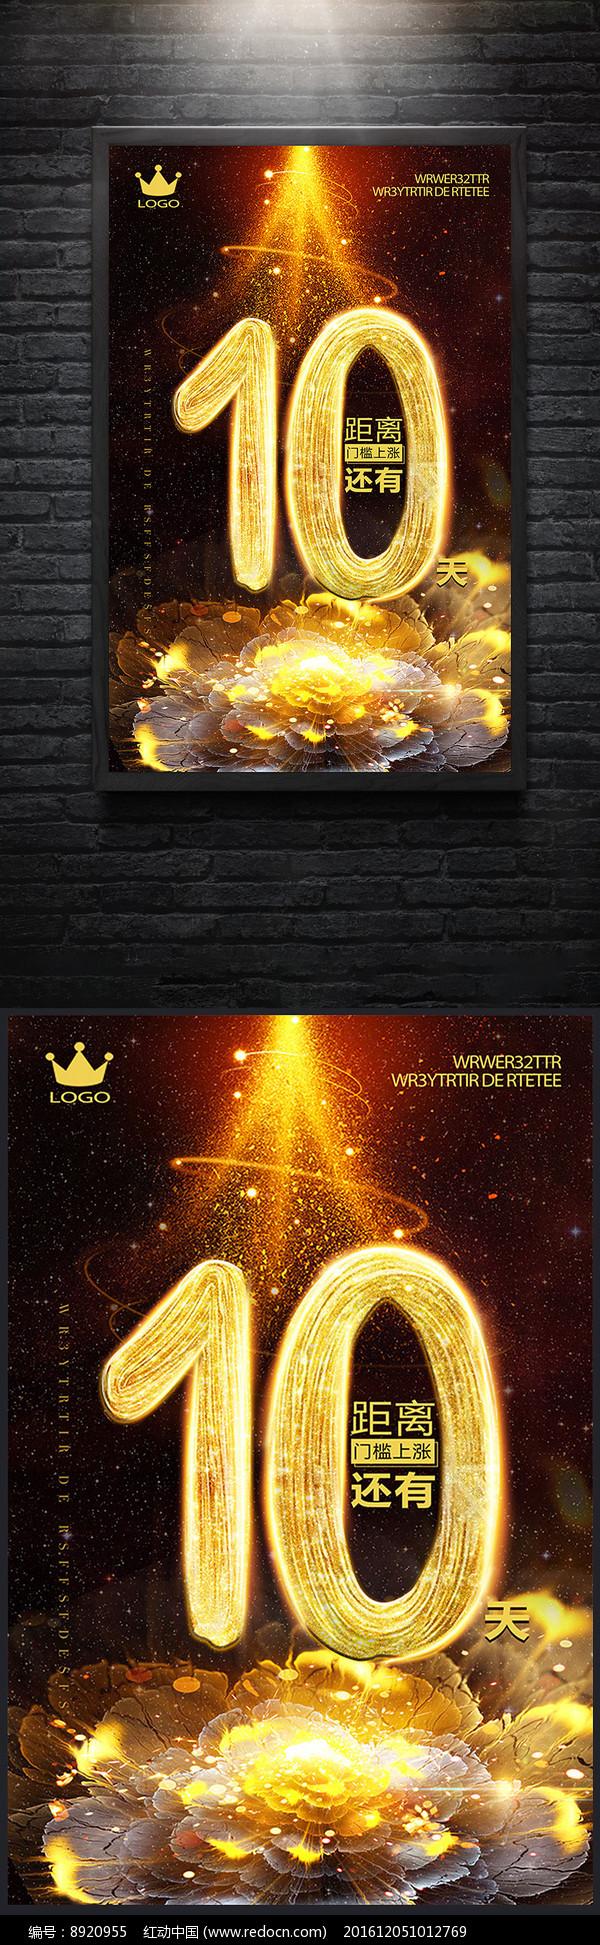 10周年海报设计图片